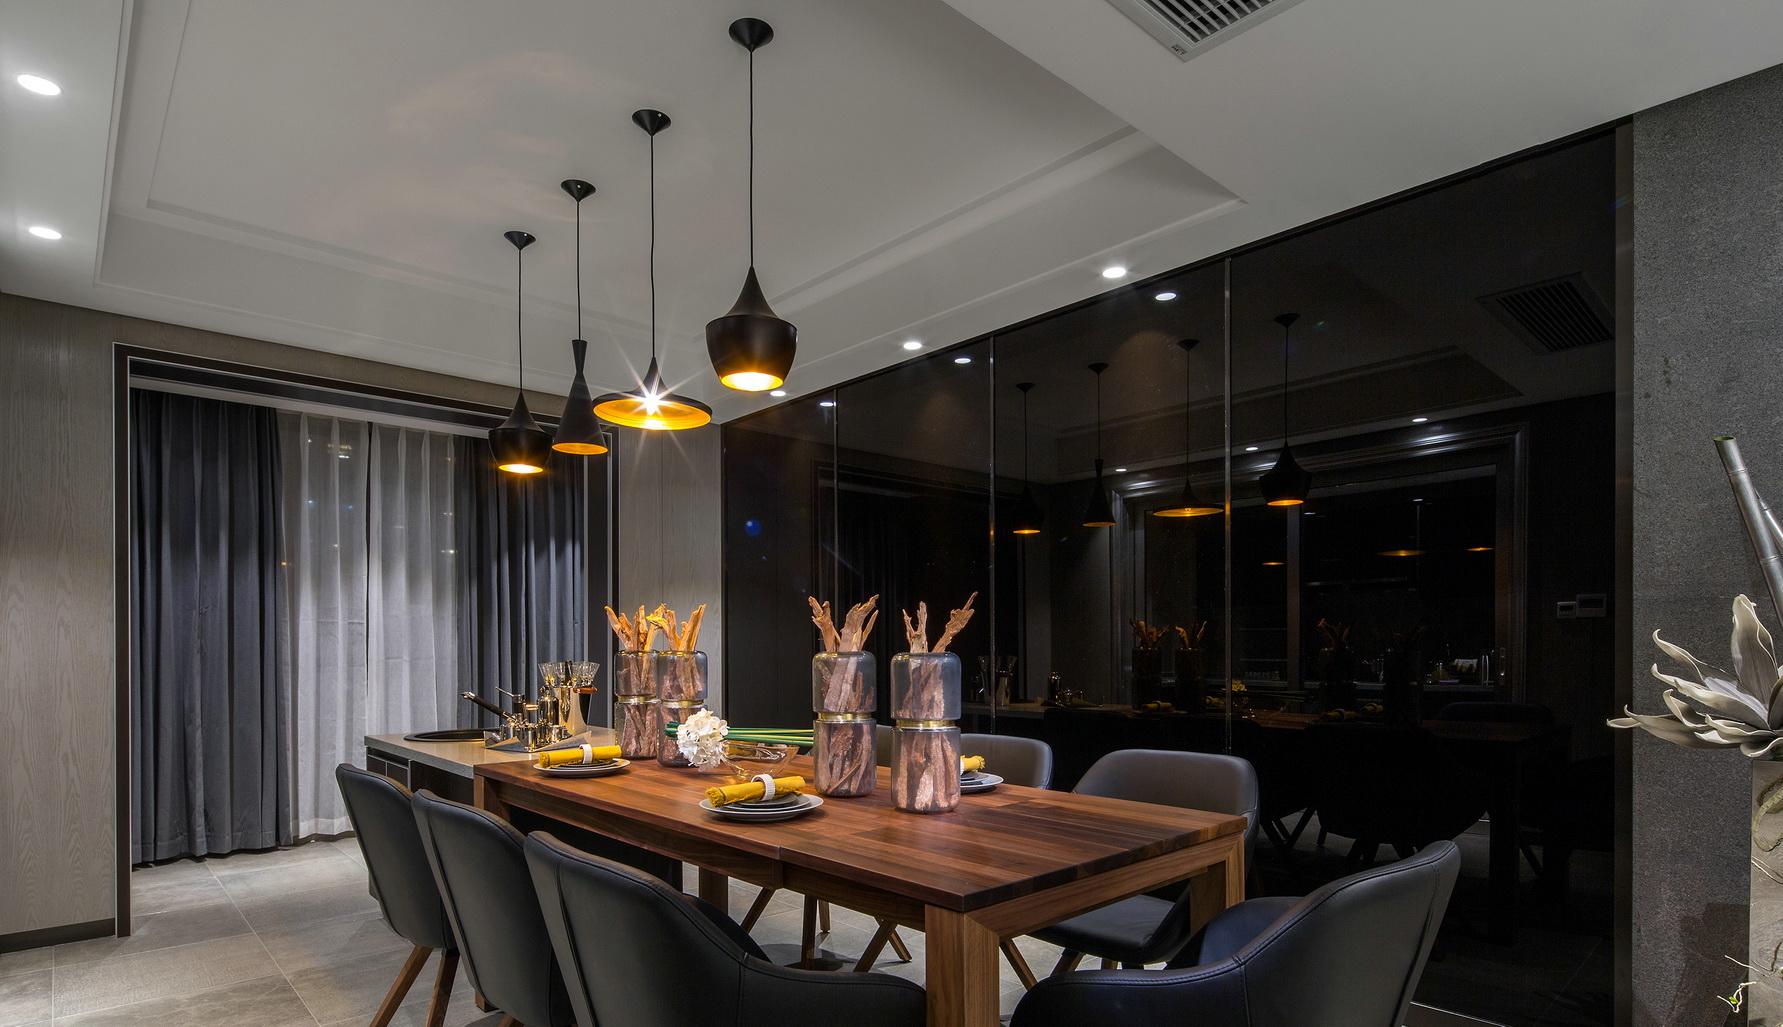 餐厅搭配分量感超过的黑色椅木质的桌子,整体显的格外的和谐及舒适;